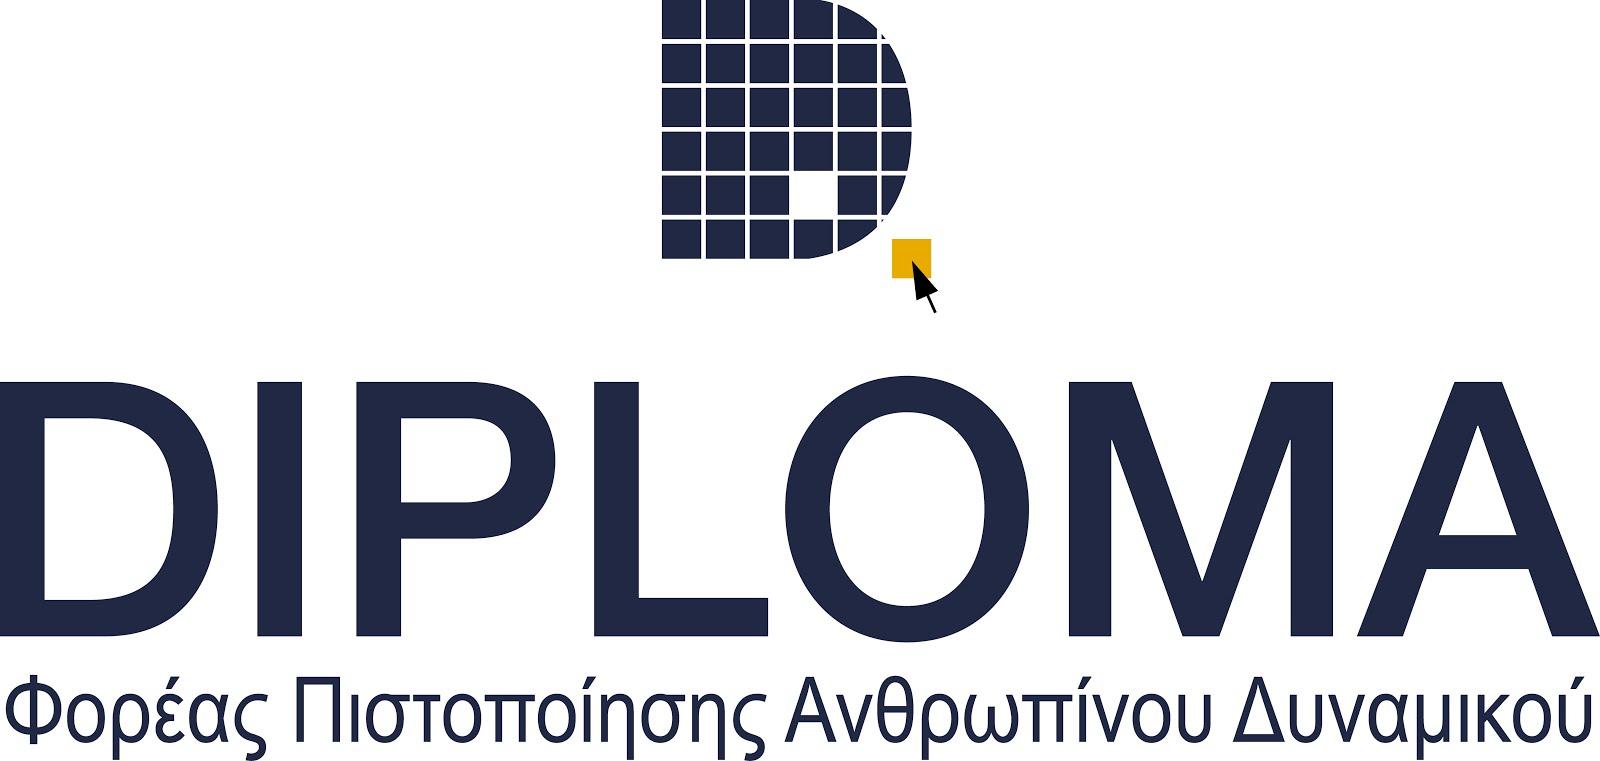 Πιστοποιημένο Εξεταστικό Κέντρο της DIPLOMA Φορέας Πιστοποίησης Ανθρωπίνου Δυναμικού